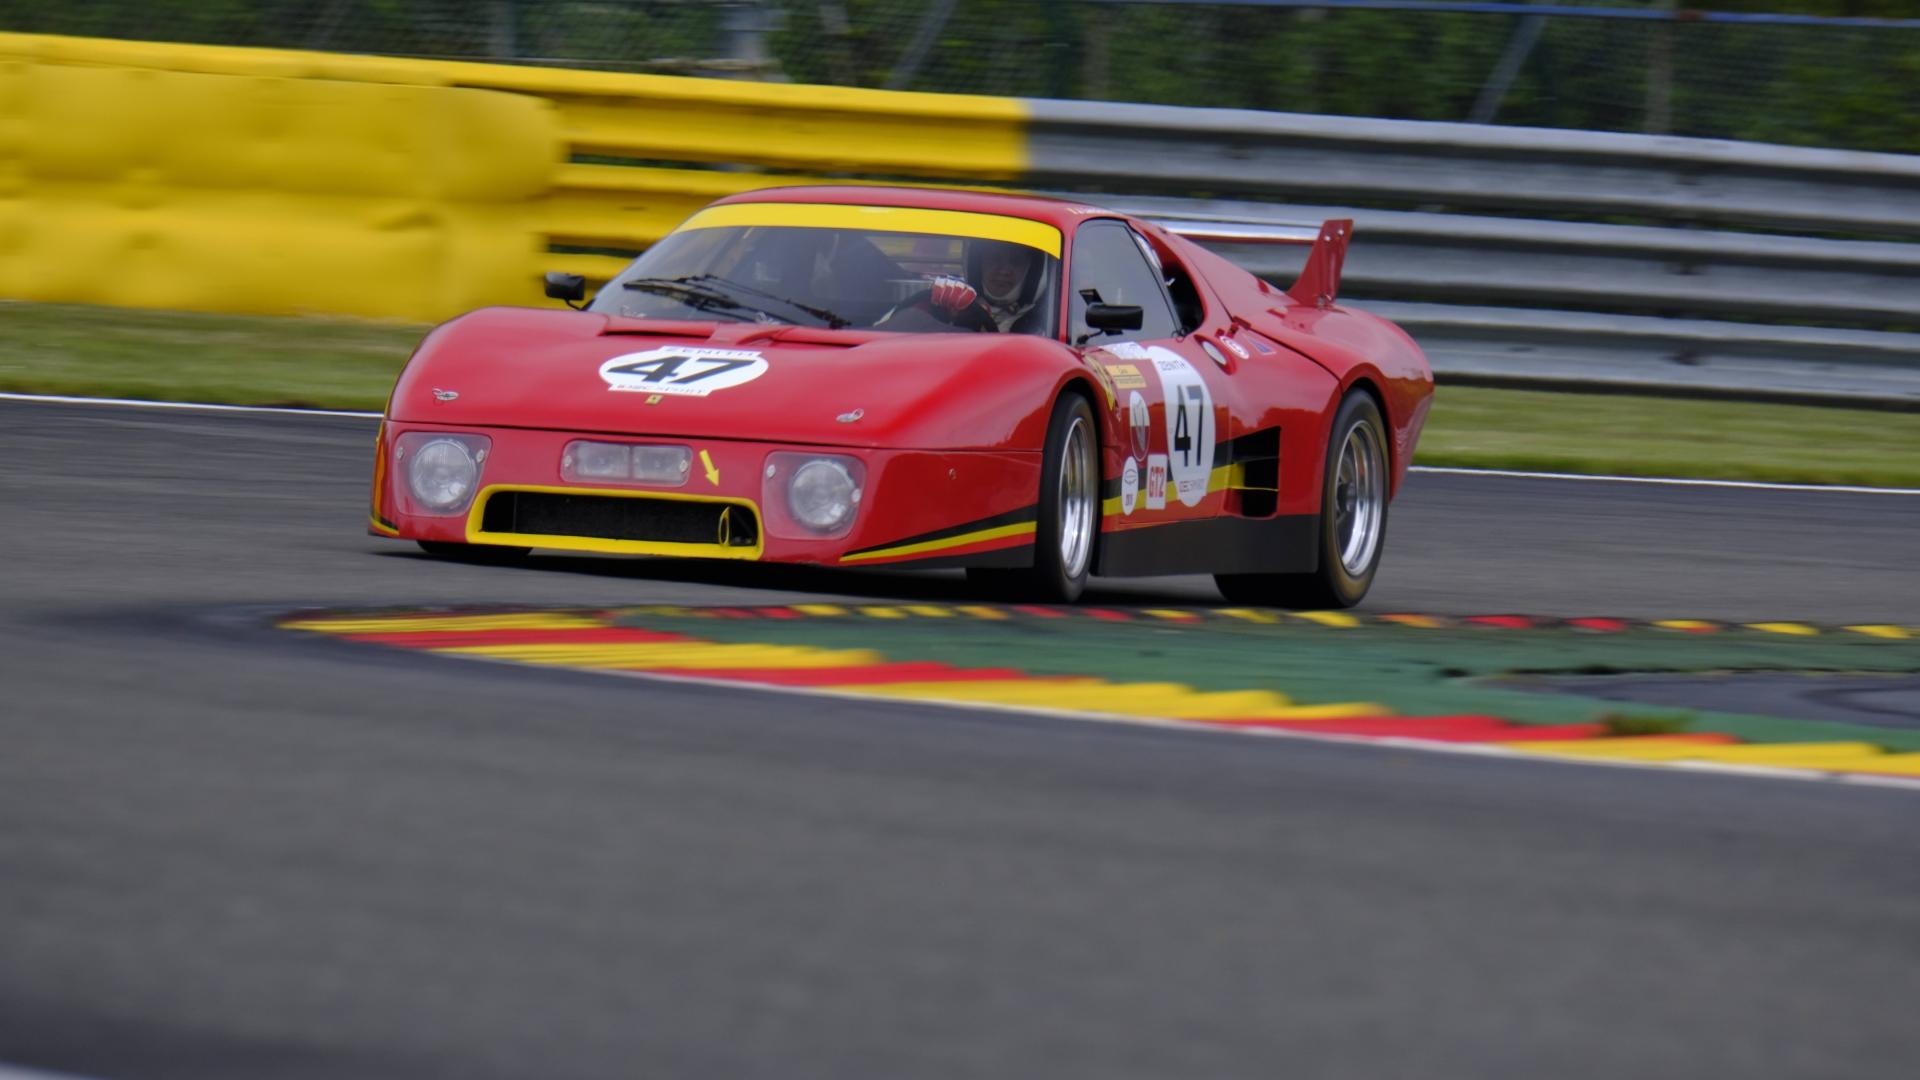 Spa-Classic : 16 voitures engagées et un week-end spadois fructueux pour Gipimotor · Gipimotor